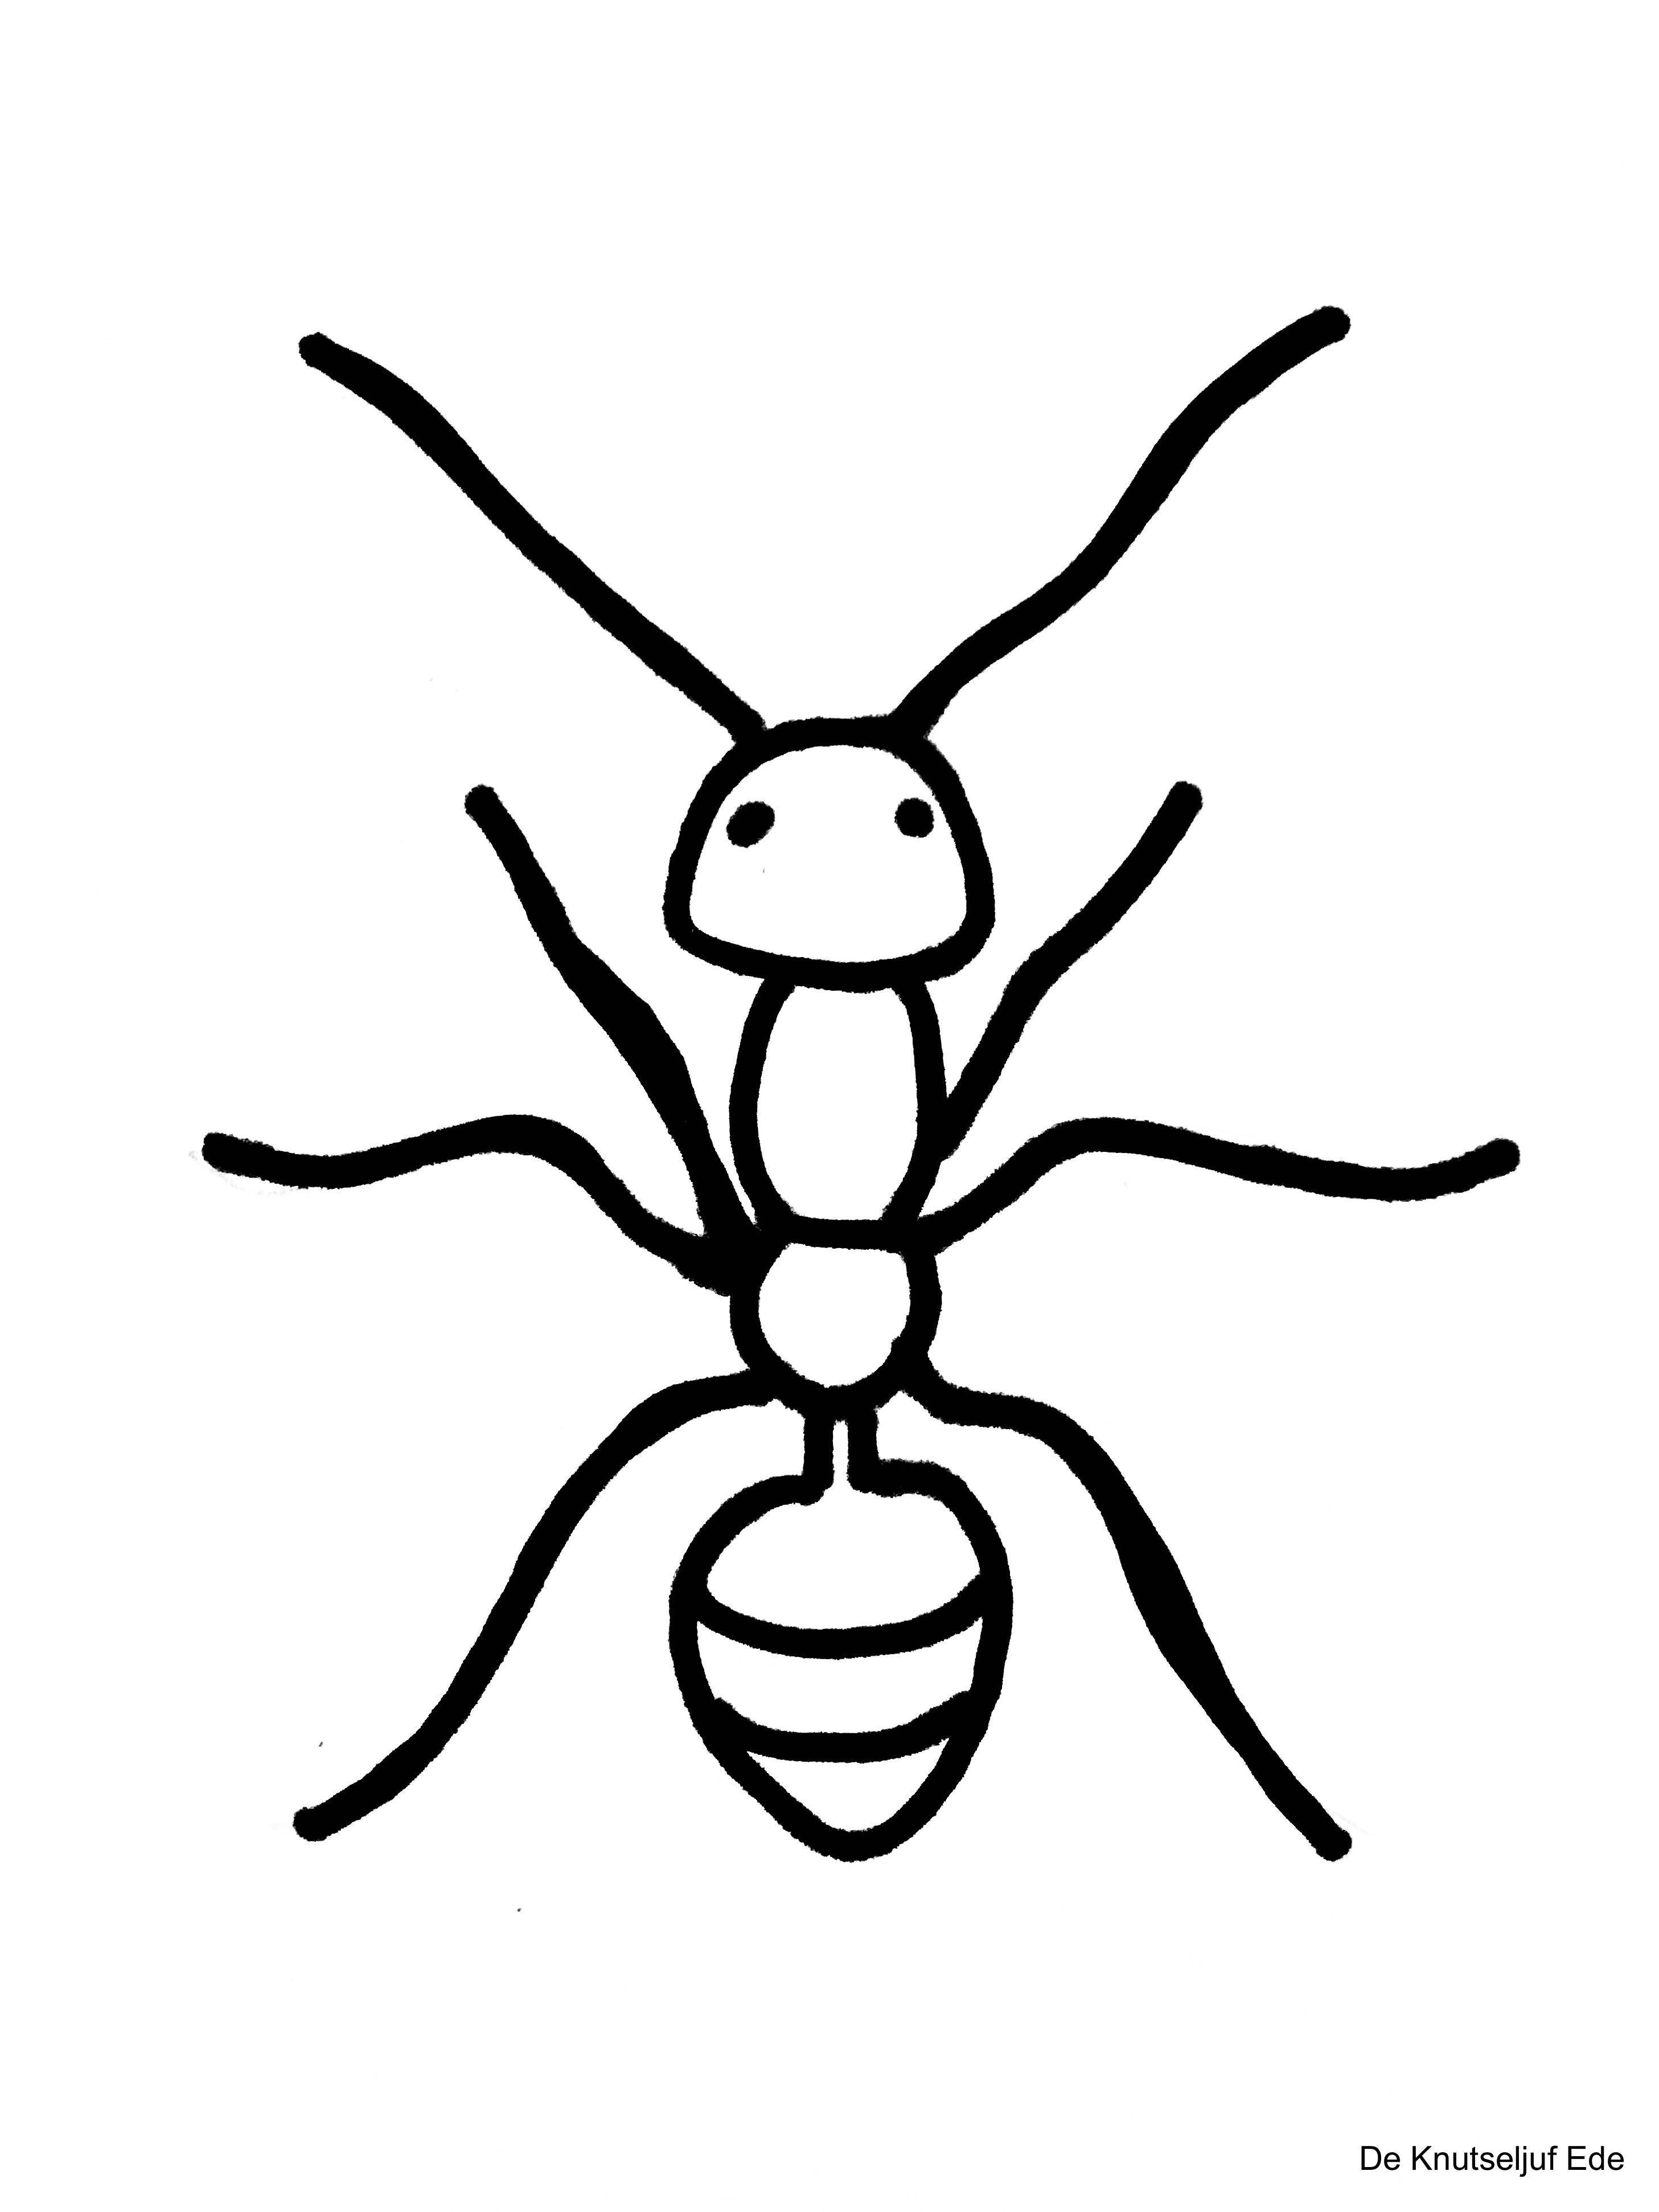 Kleurplaten Kriebelbeestjes Insekten Kleurplaat Kleurplaten Deknutseljuf Sprinkhaan De Knutseljuf Ede Gratis Kleurplaten Insecten Kleurplaten